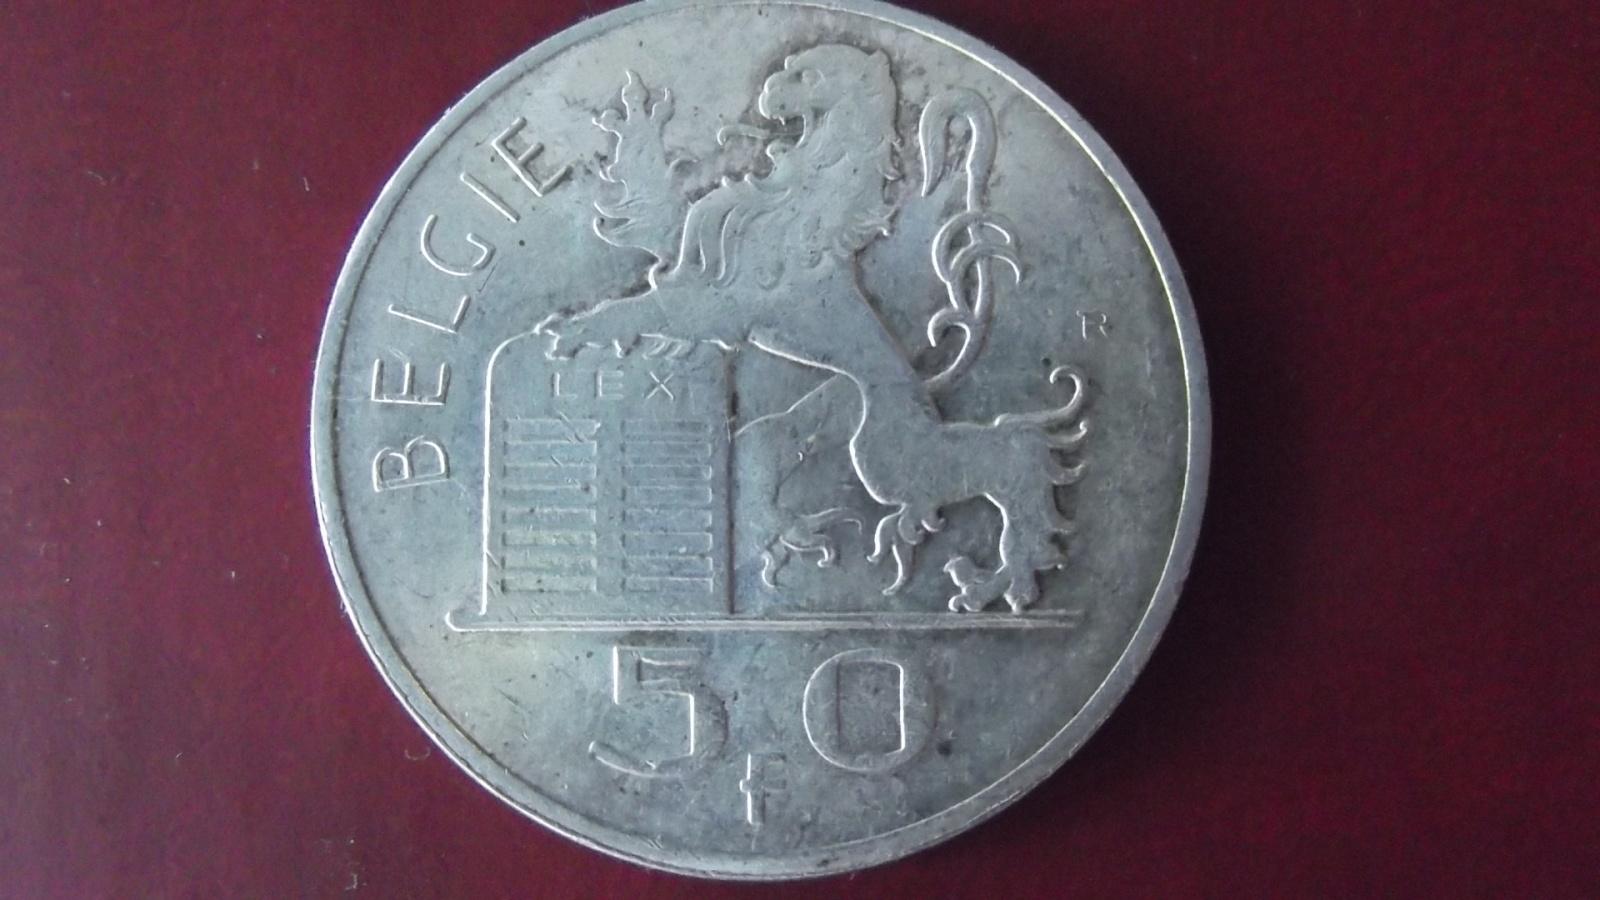 Monedas con leones 2cmt2l3